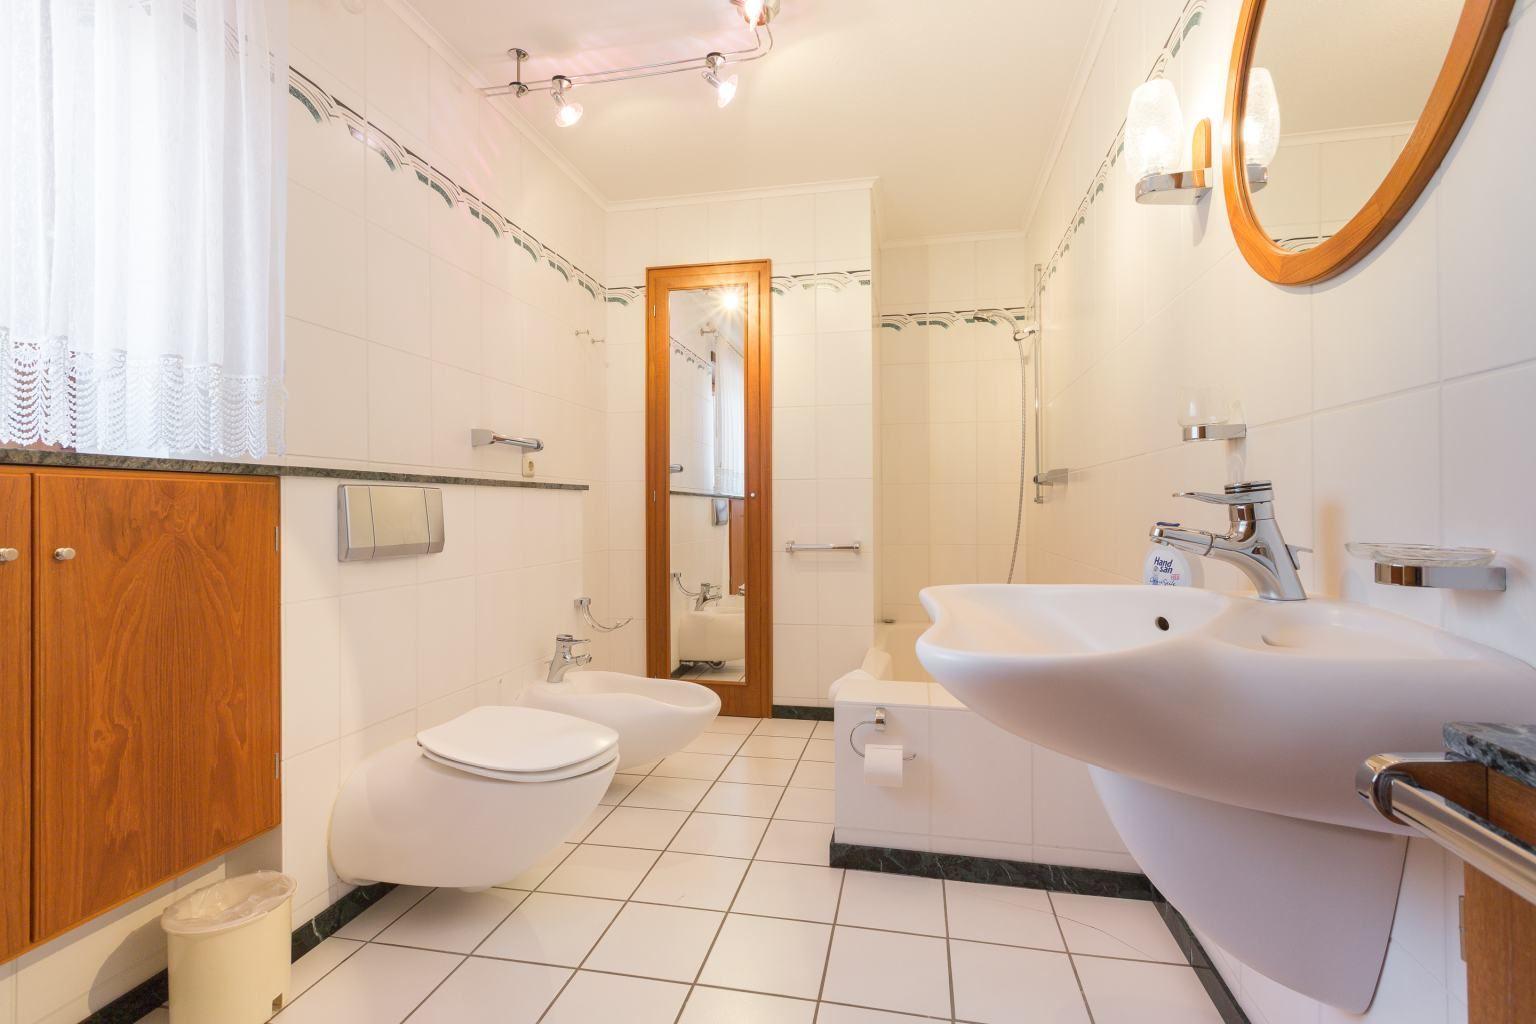 Badezimmer - Haus Jan Mayen, Wohnung EG links, Störweg 14-14a, St. Peter-Böhl